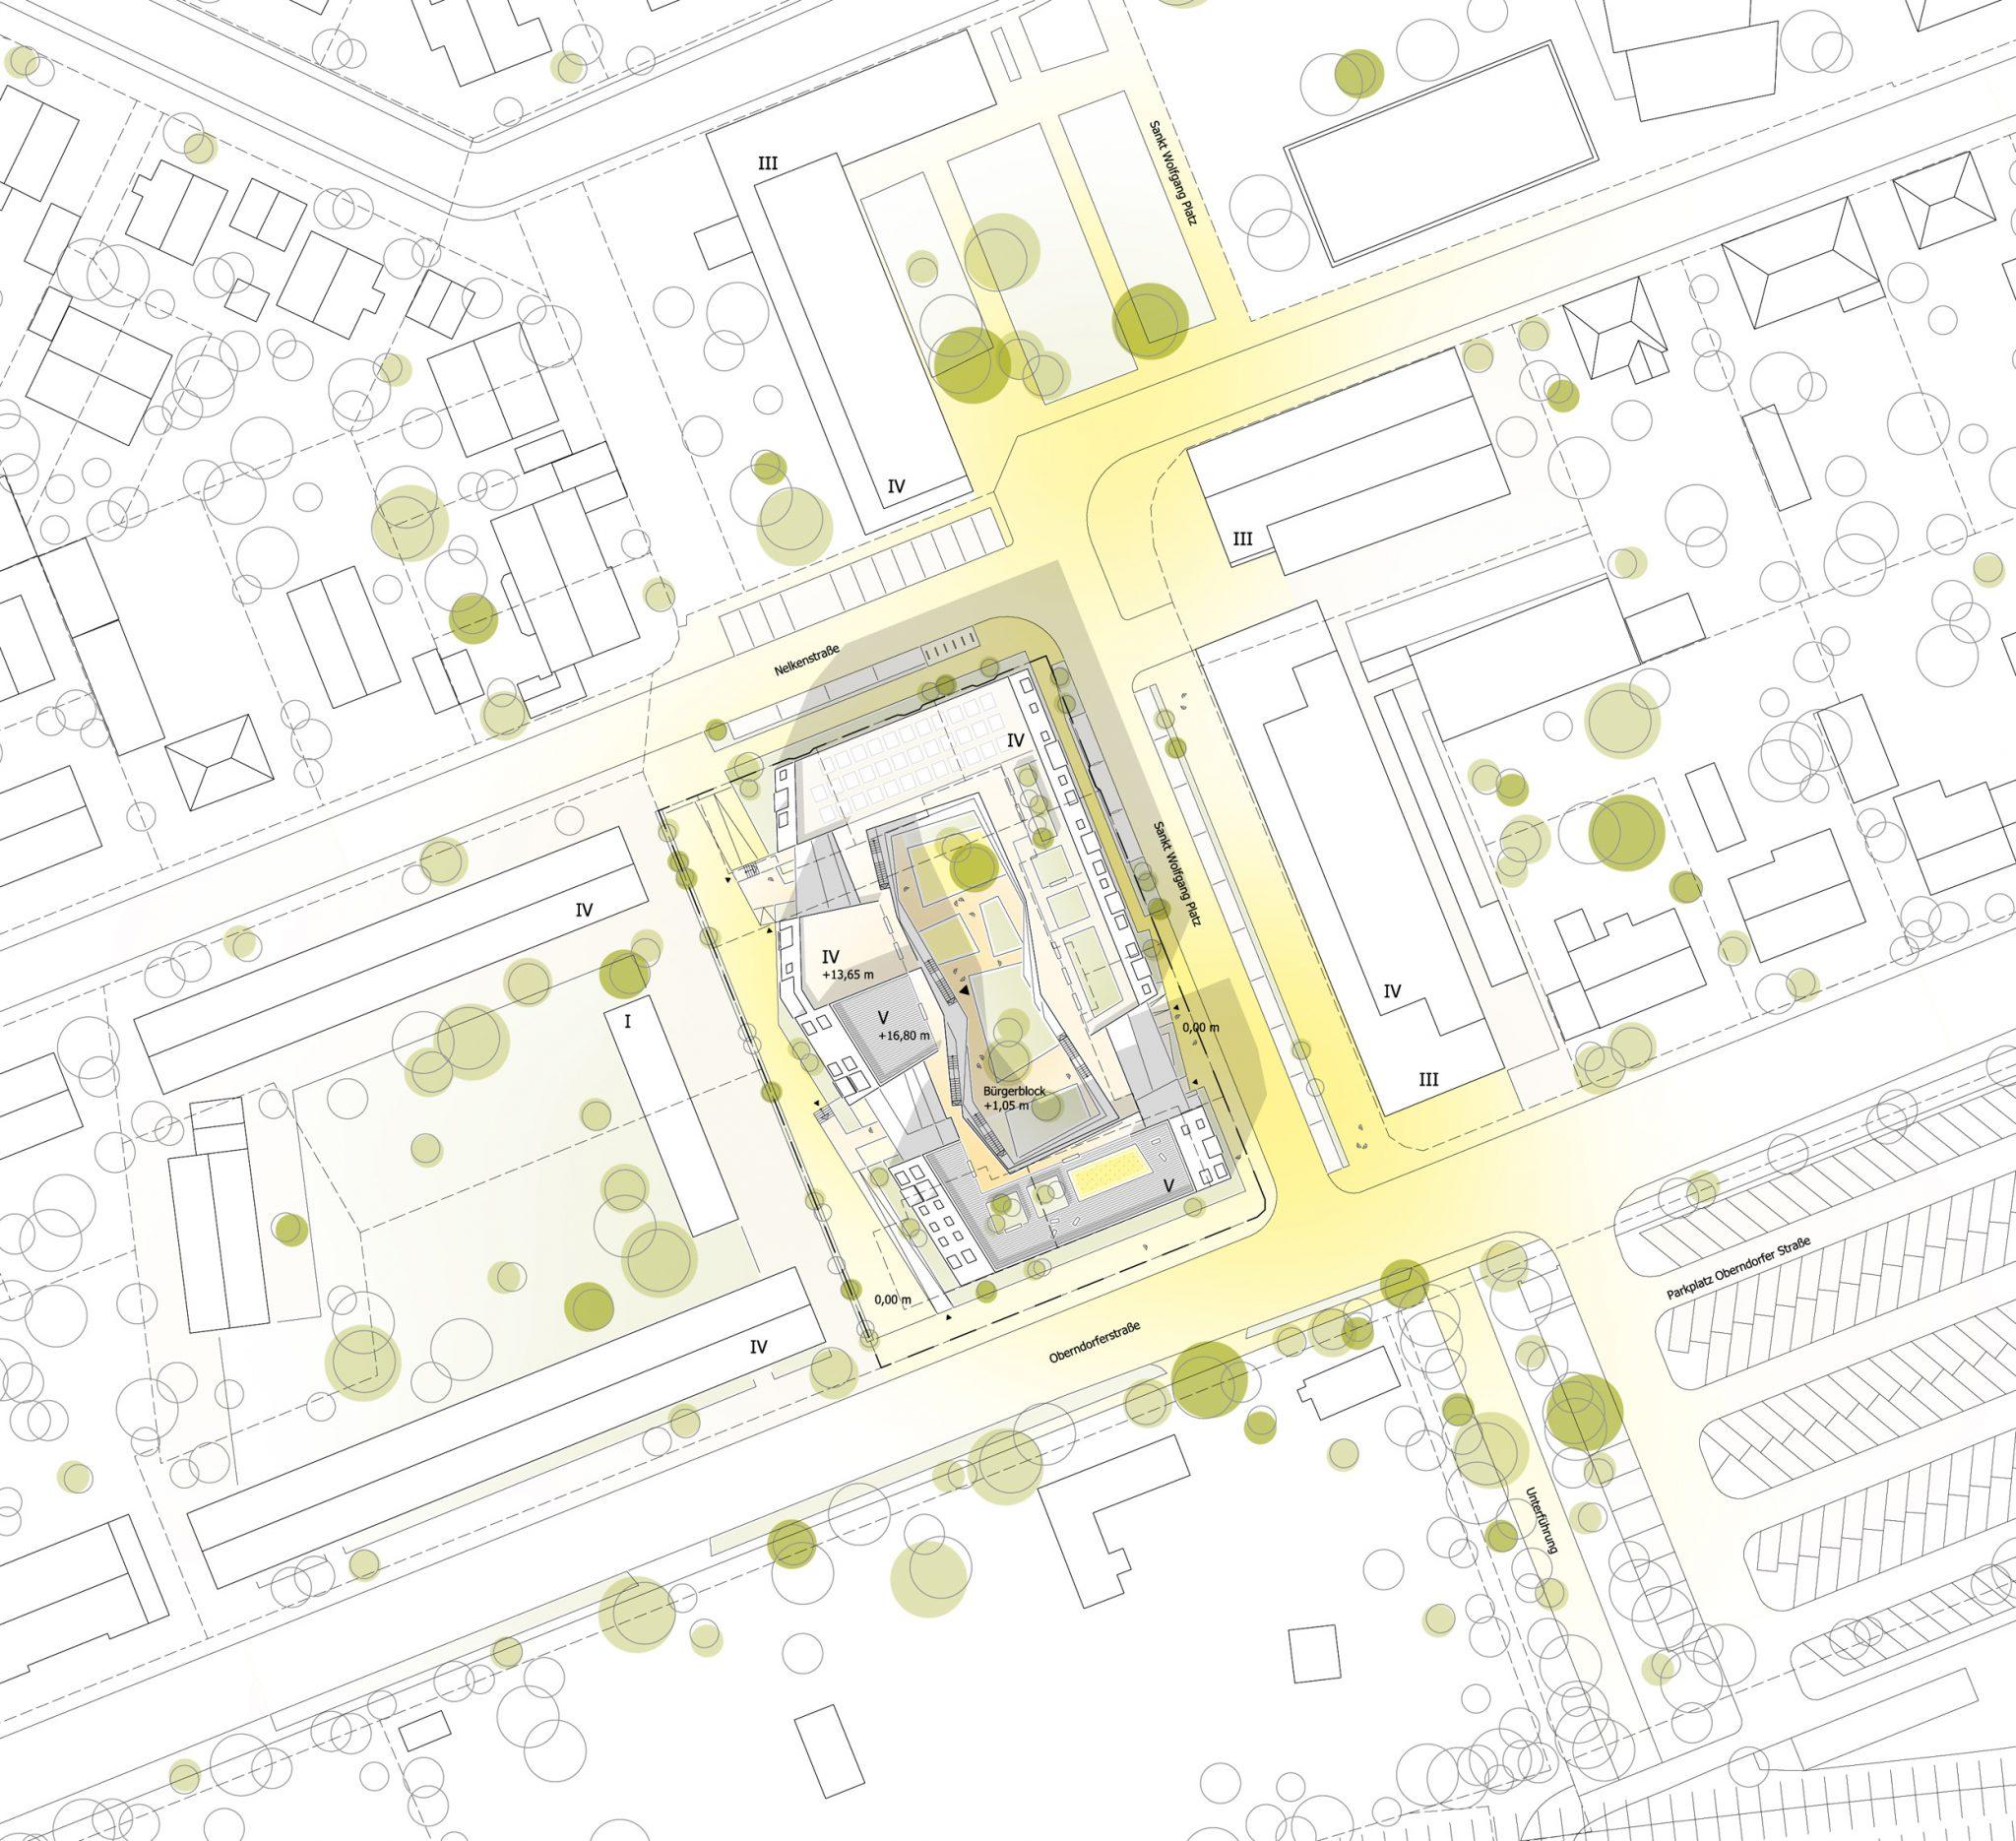 Lageplanzeichnung für ALN-Beitrag beim Landshut Wettbewerb Bürgerblock